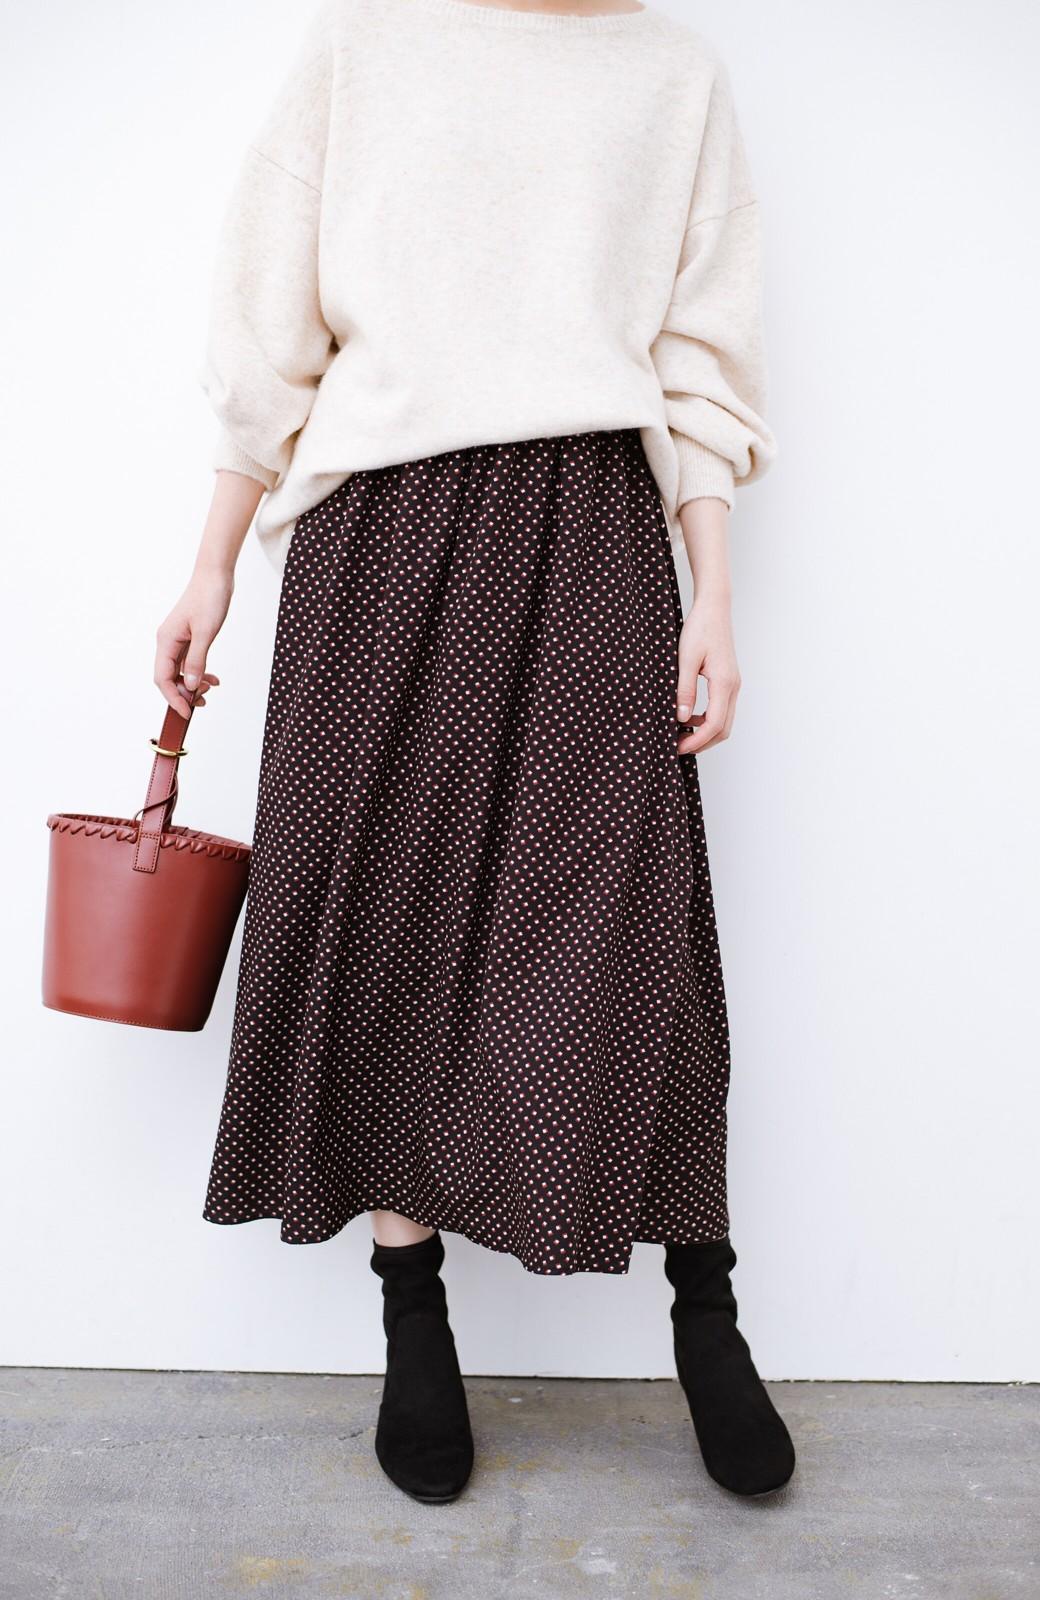 haco! デニムにもスカートにも似合う!すぽっと履けてスタイルアップが叶う女っぽフェイクスエードブーツ <ブラック>の商品写真8